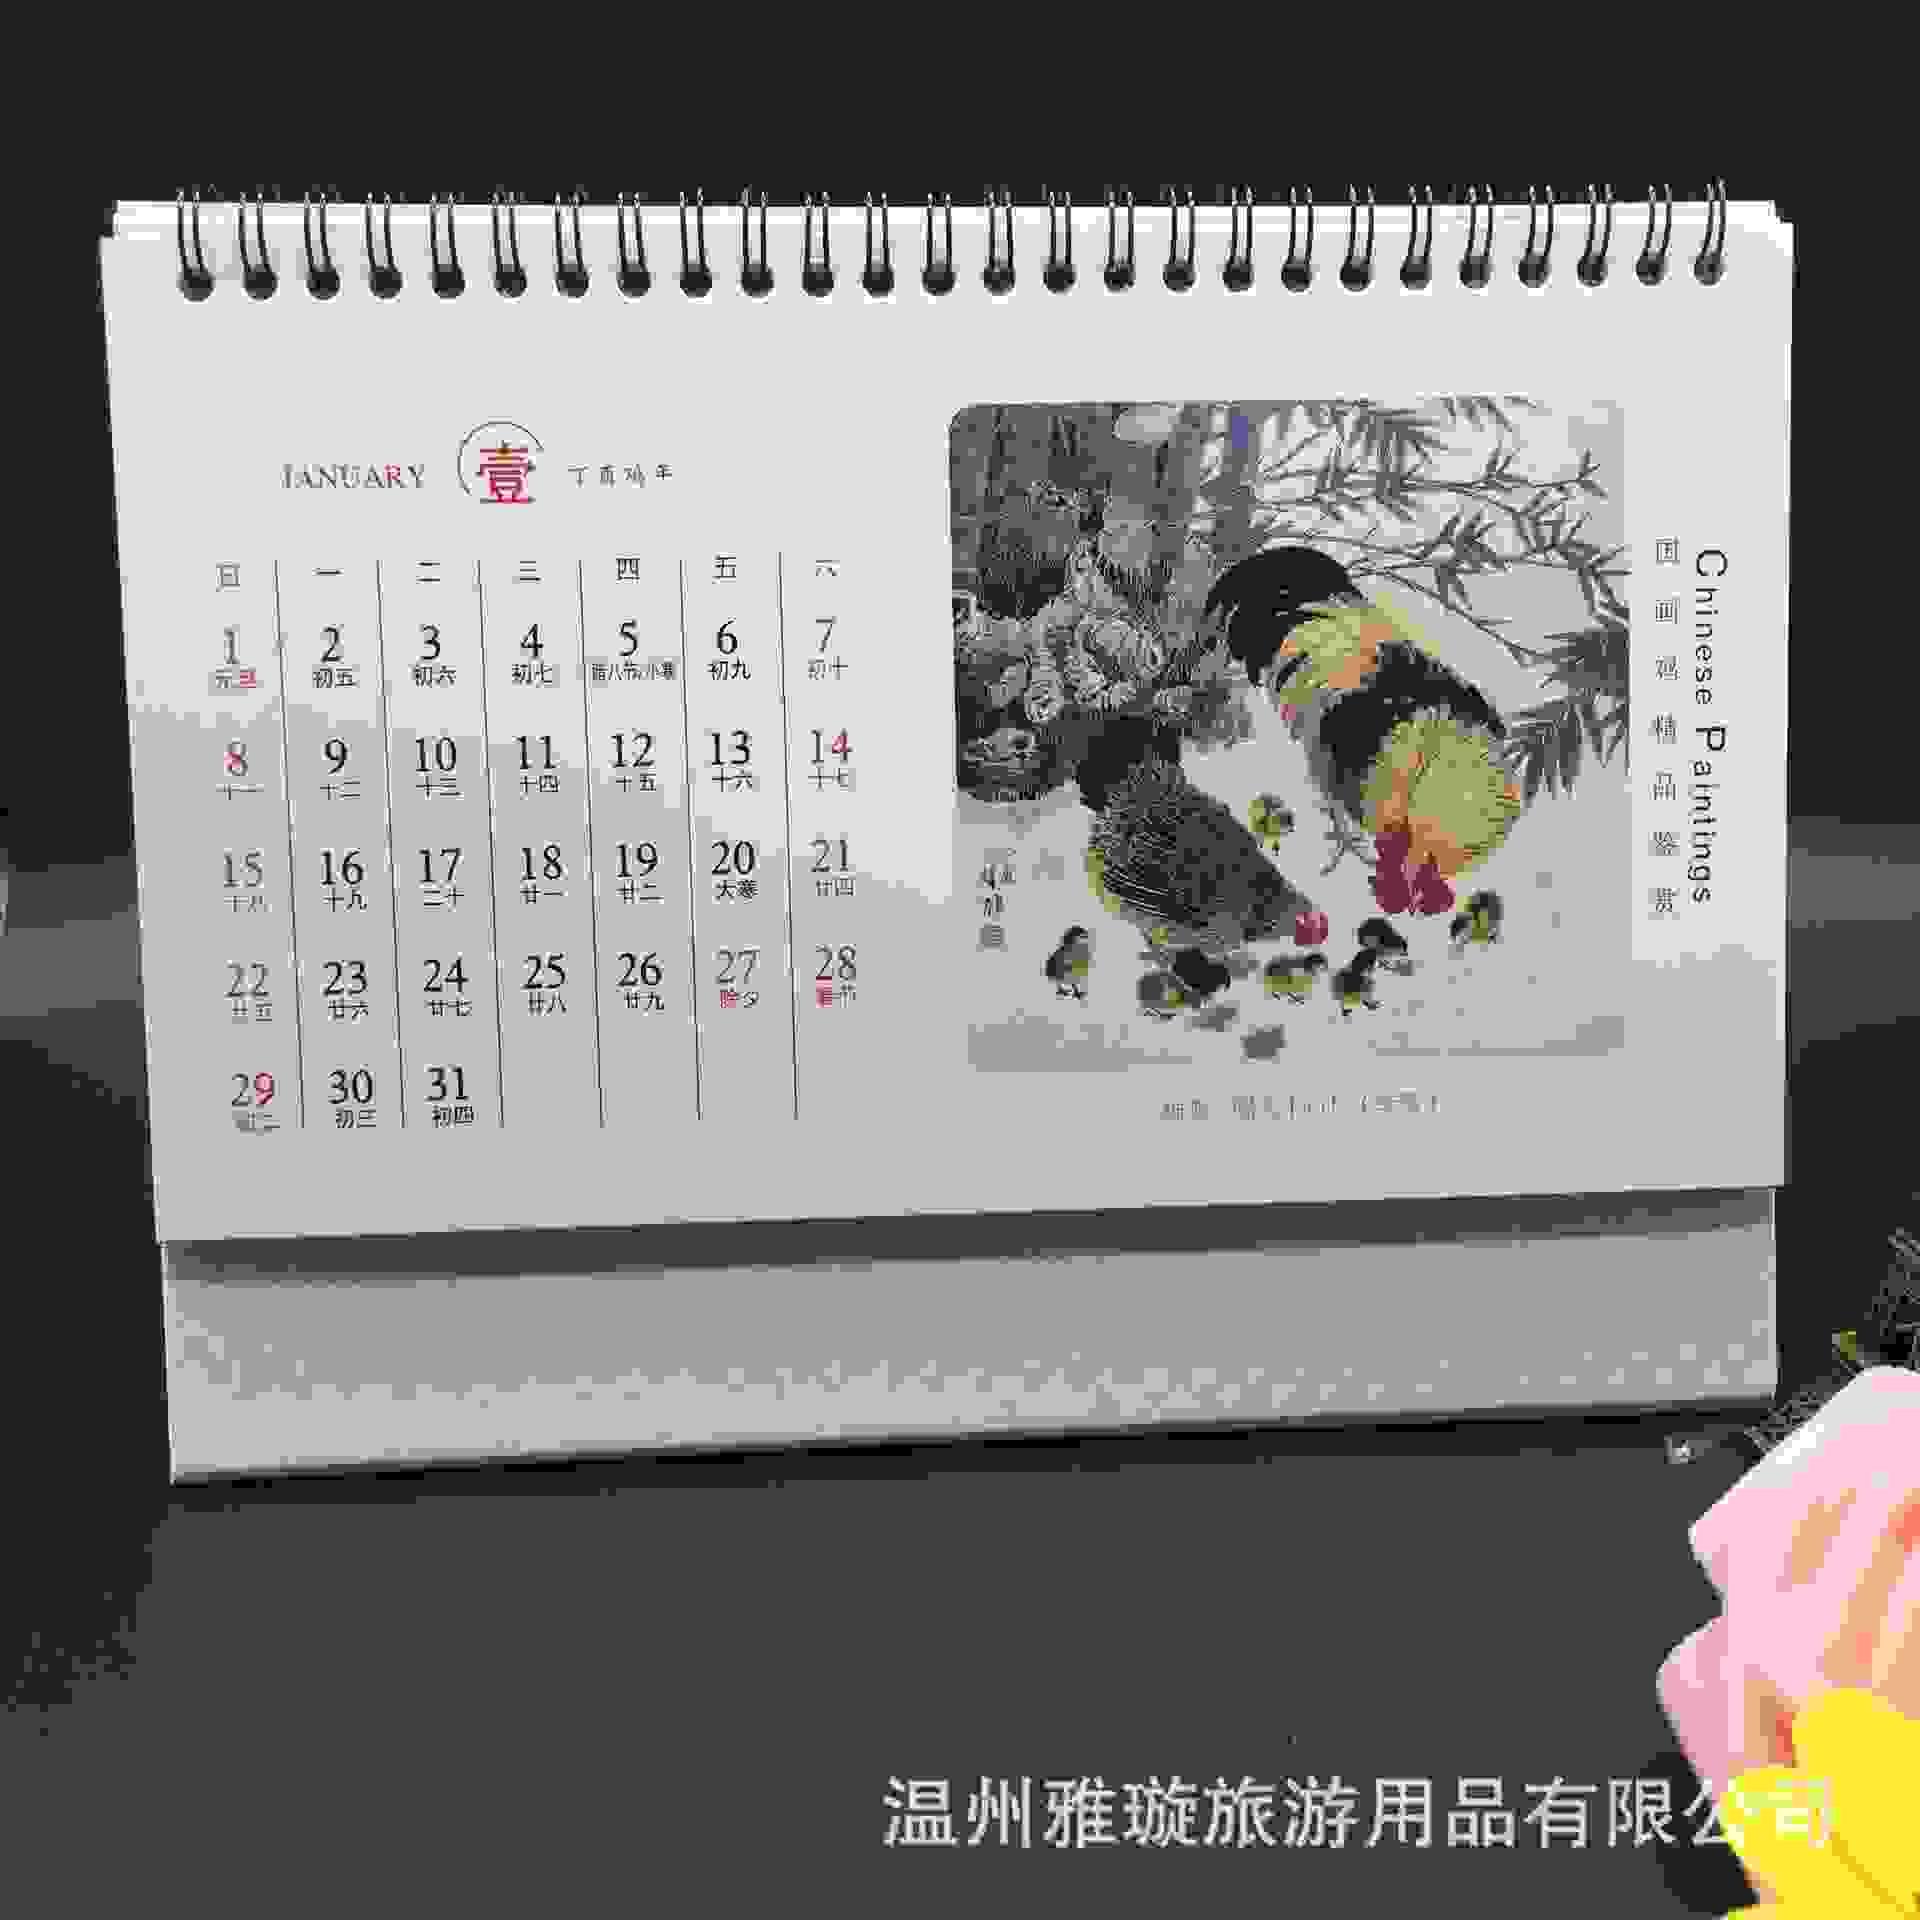 2017年企业创意广告台历月历定制台历 鸡年日历定做logo厂家生产图片